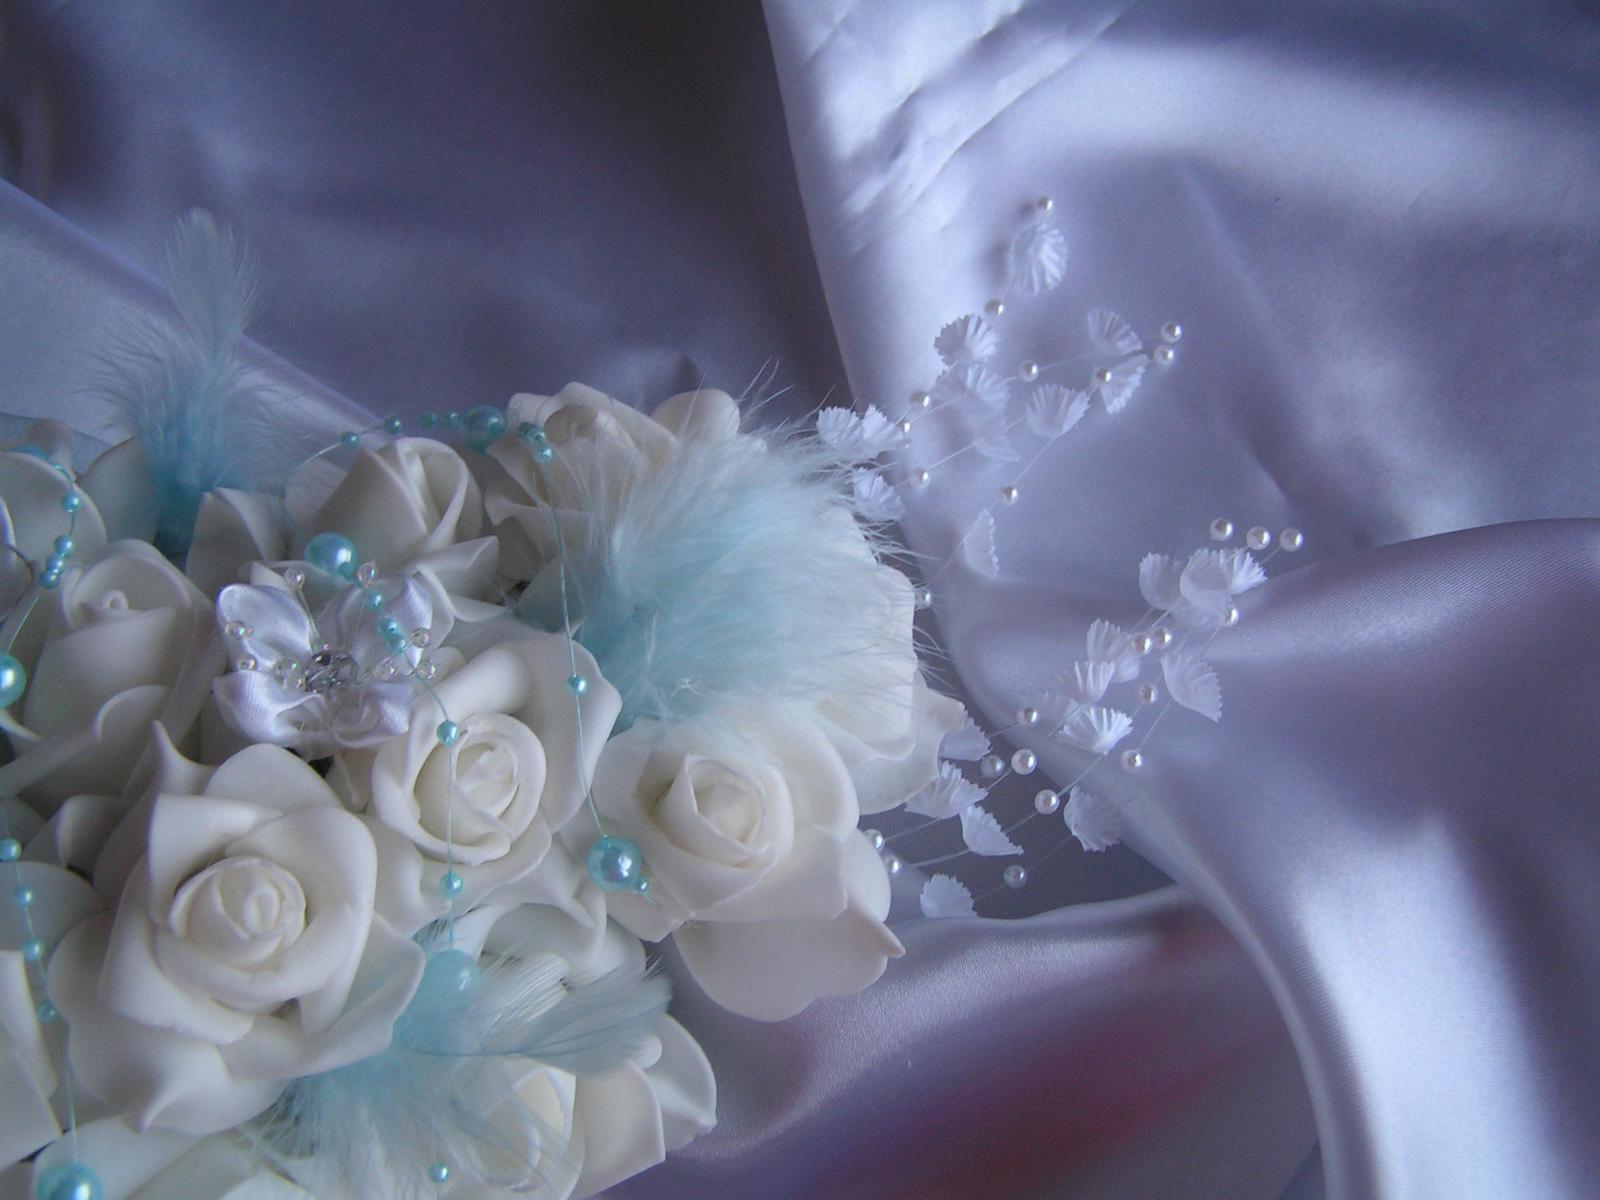 Podlouhlá kytice z pěnových růží - Obrázek č. 3